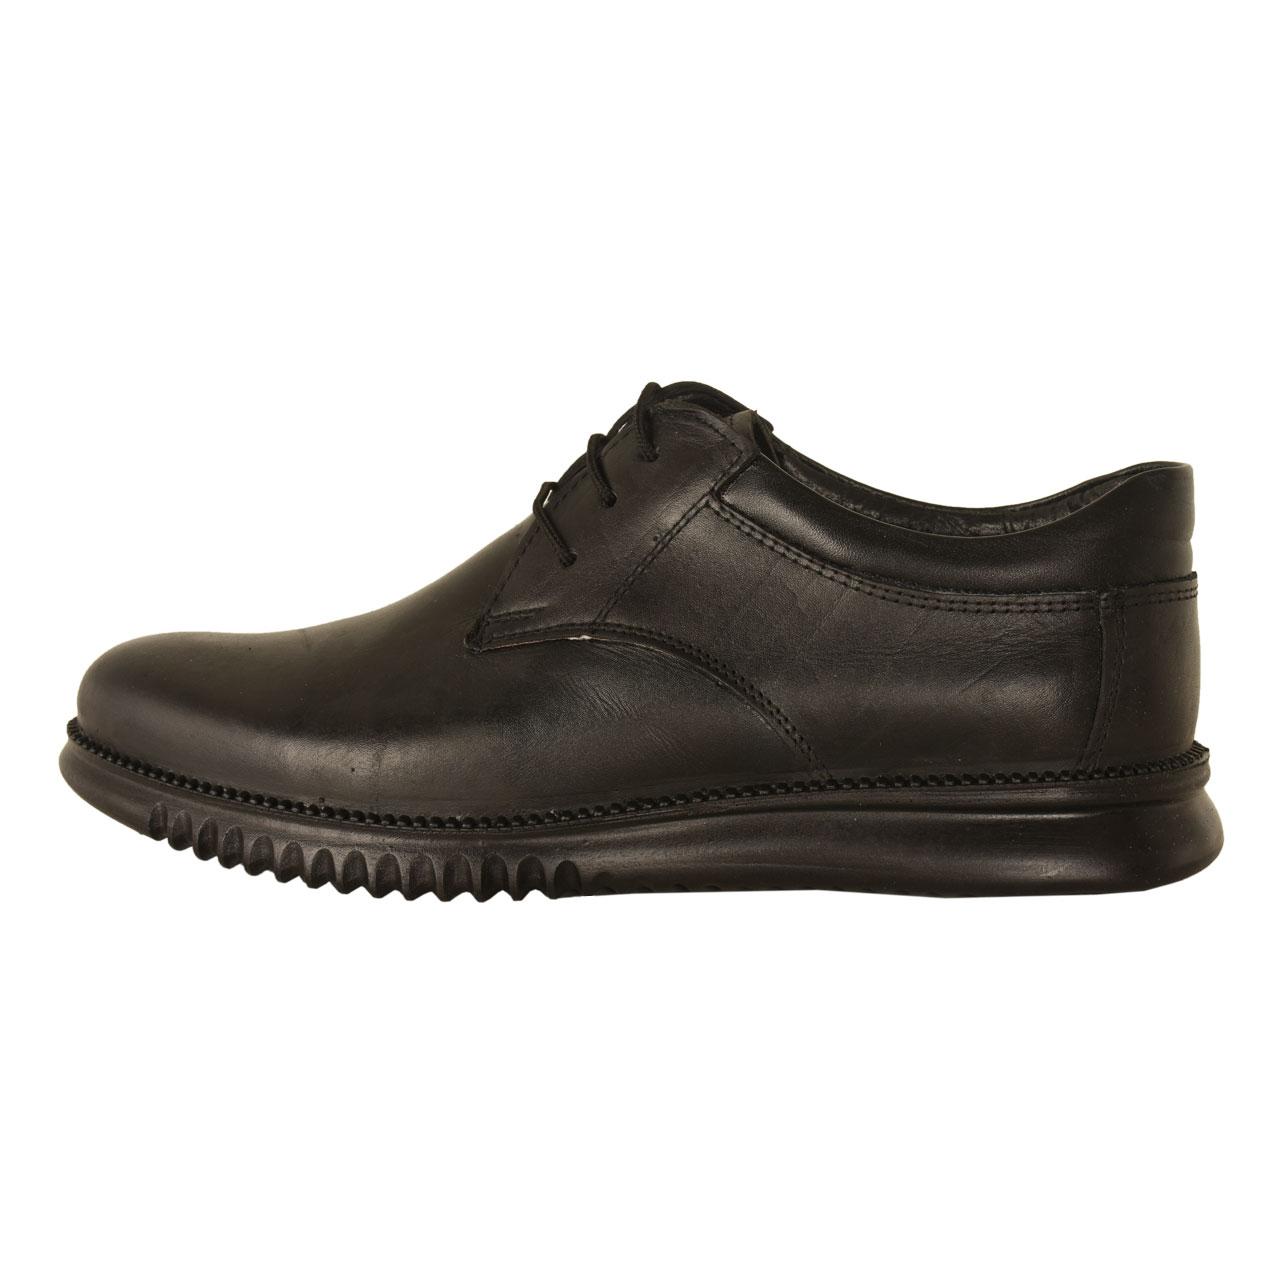 کفش مردانه پارینه مدل SHO133